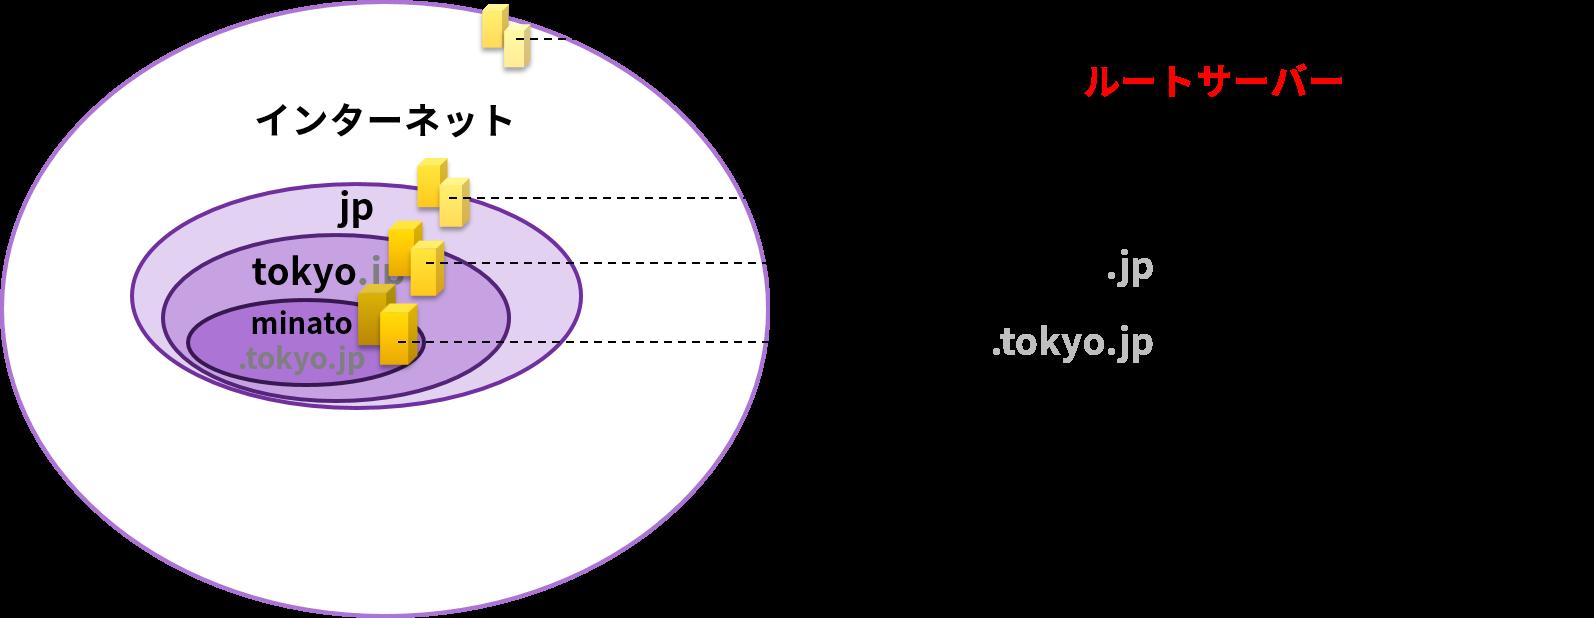 広いドメイン毎に、担当のDNSサーバーが存在する